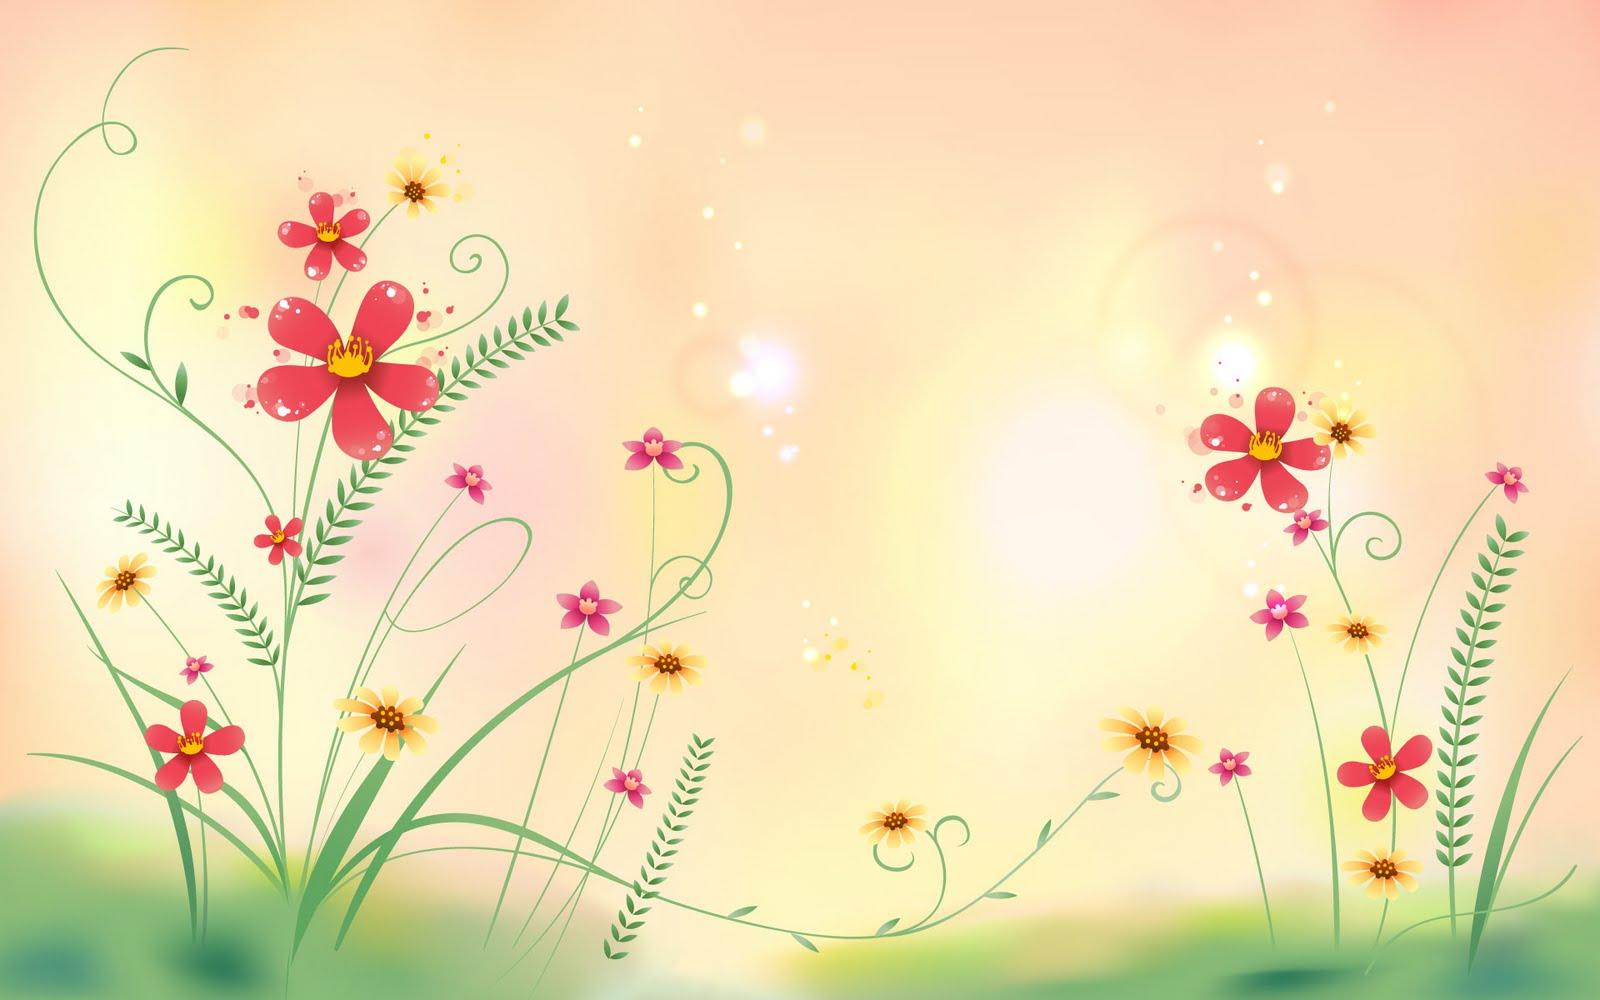 http://4.bp.blogspot.com/_XCYG27SuVtY/TE-TAihUPLI/AAAAAAAAAxQ/HzaWuWO1J38/s1600/43.jpg